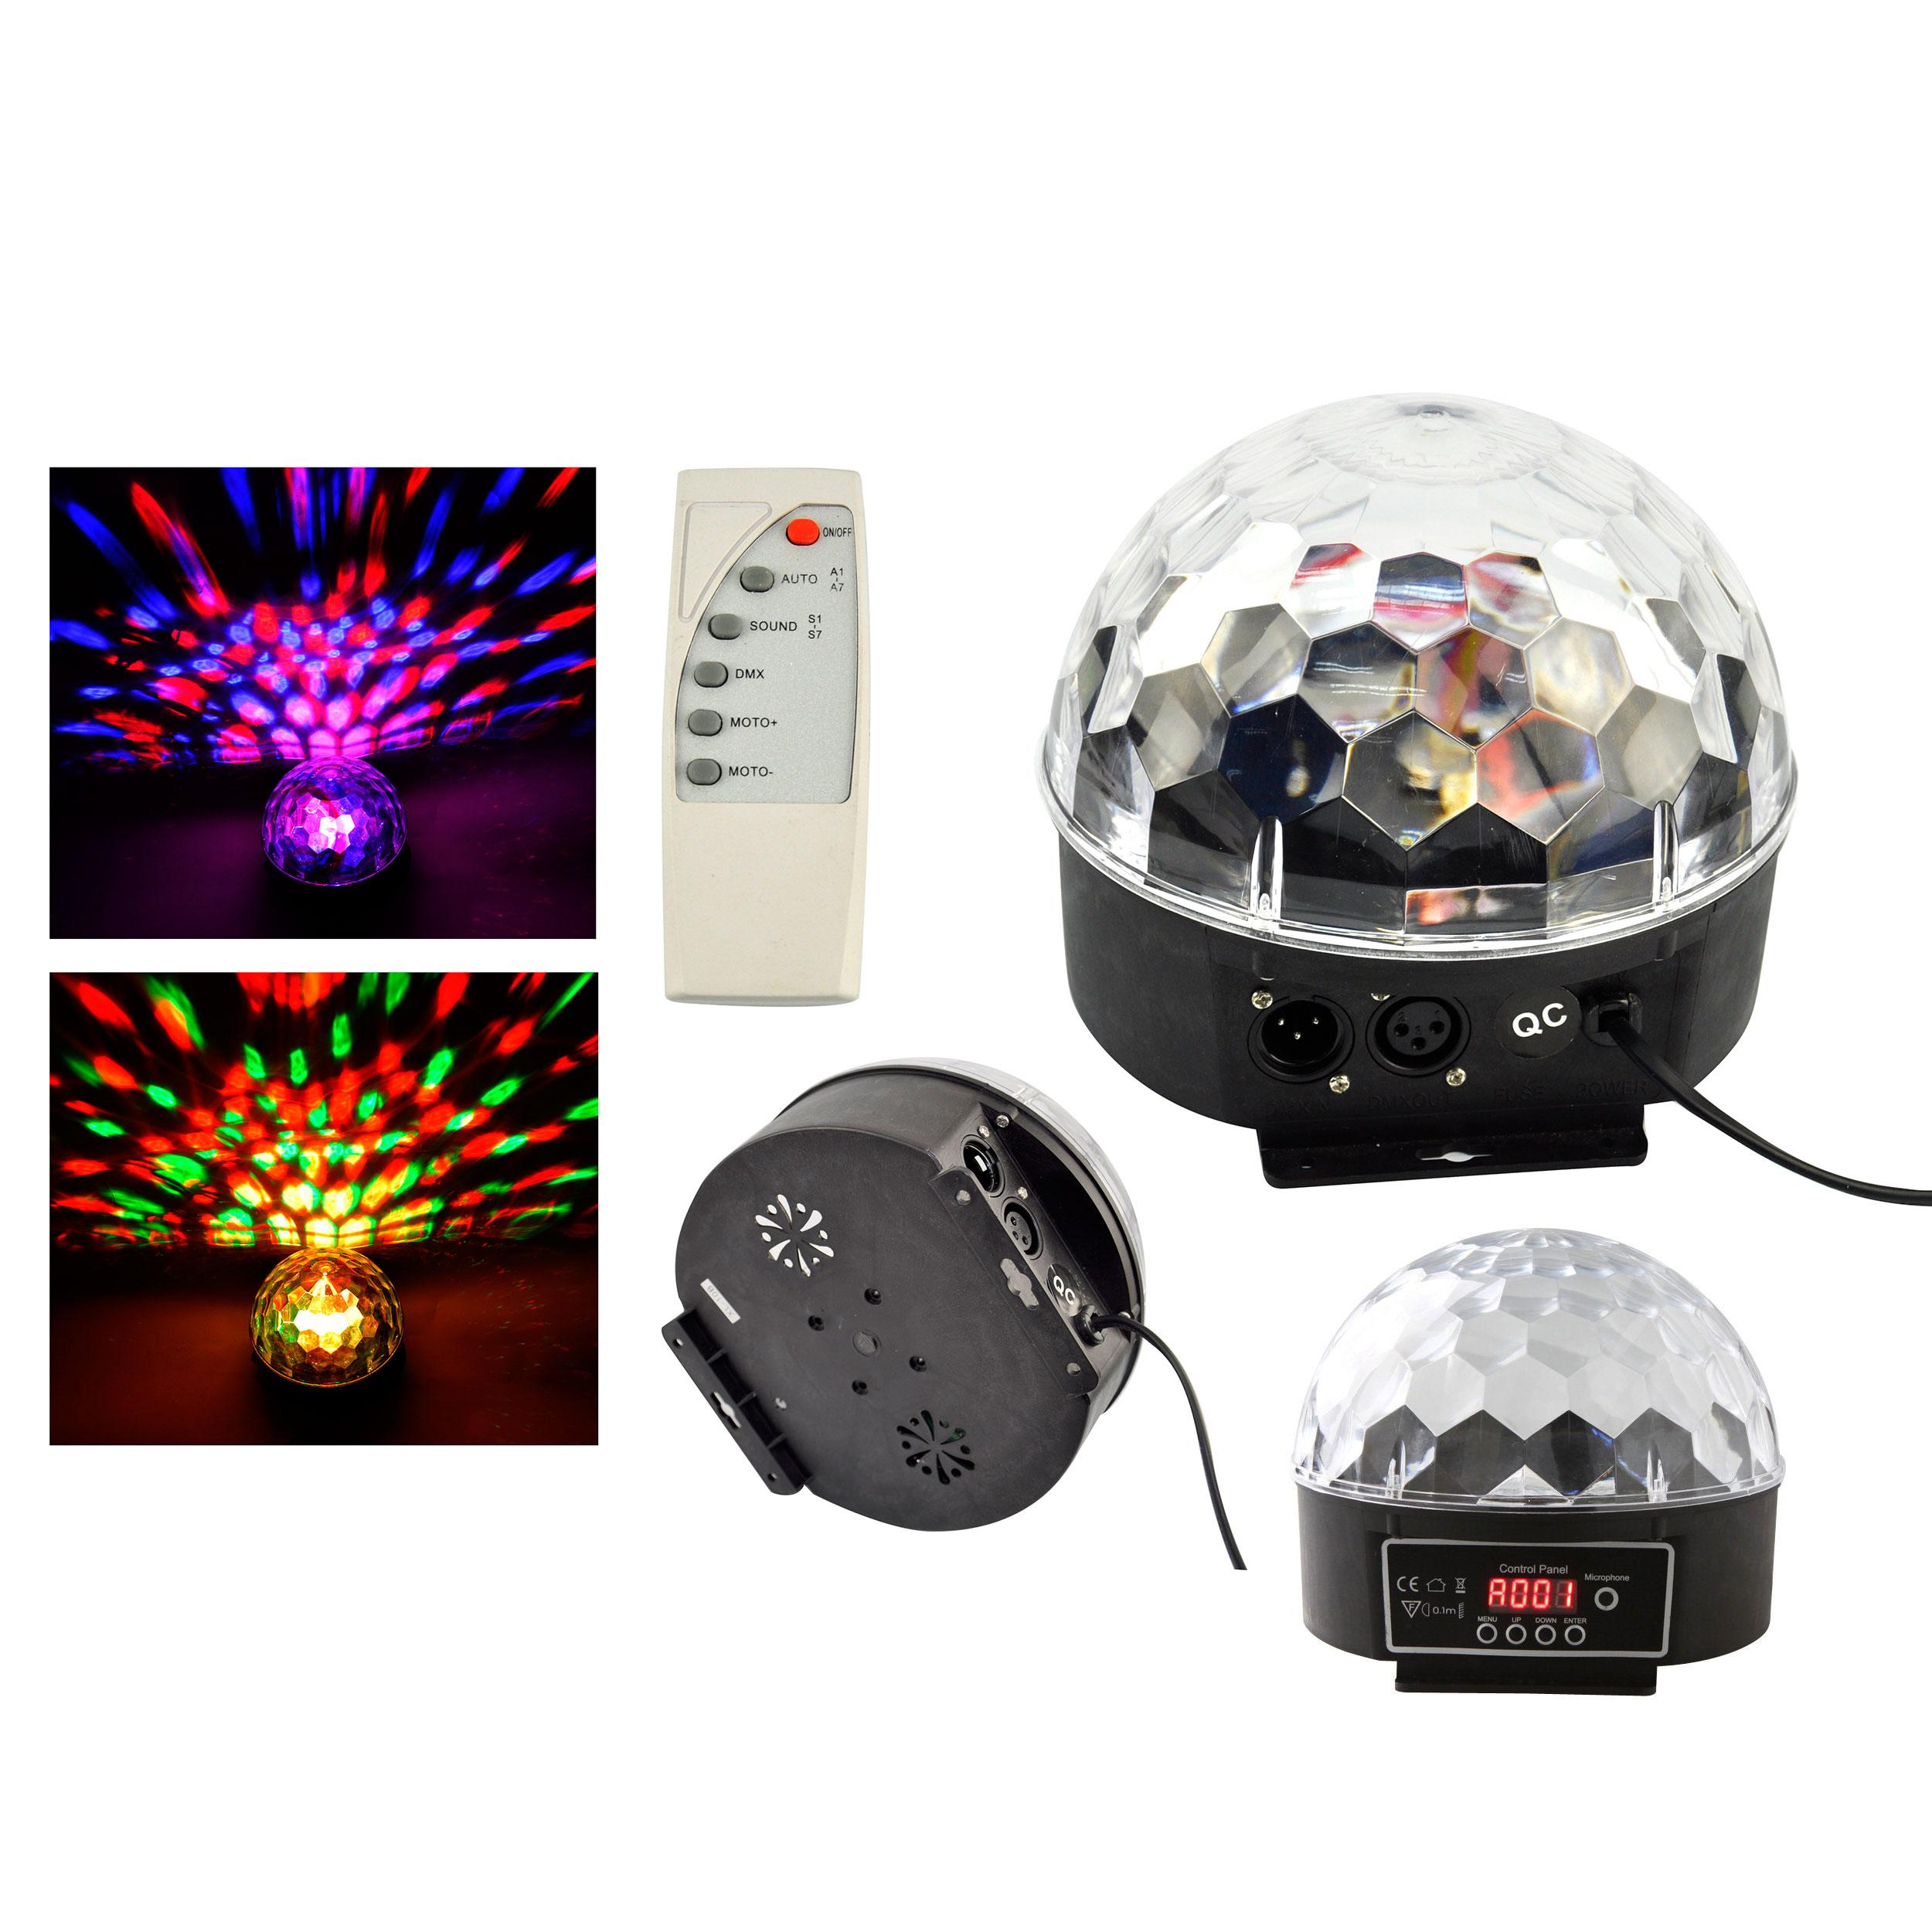 mega product tri lighting american profile leds tp dhgate under rgb com flat dj colored light led tripar pak products adj bright best